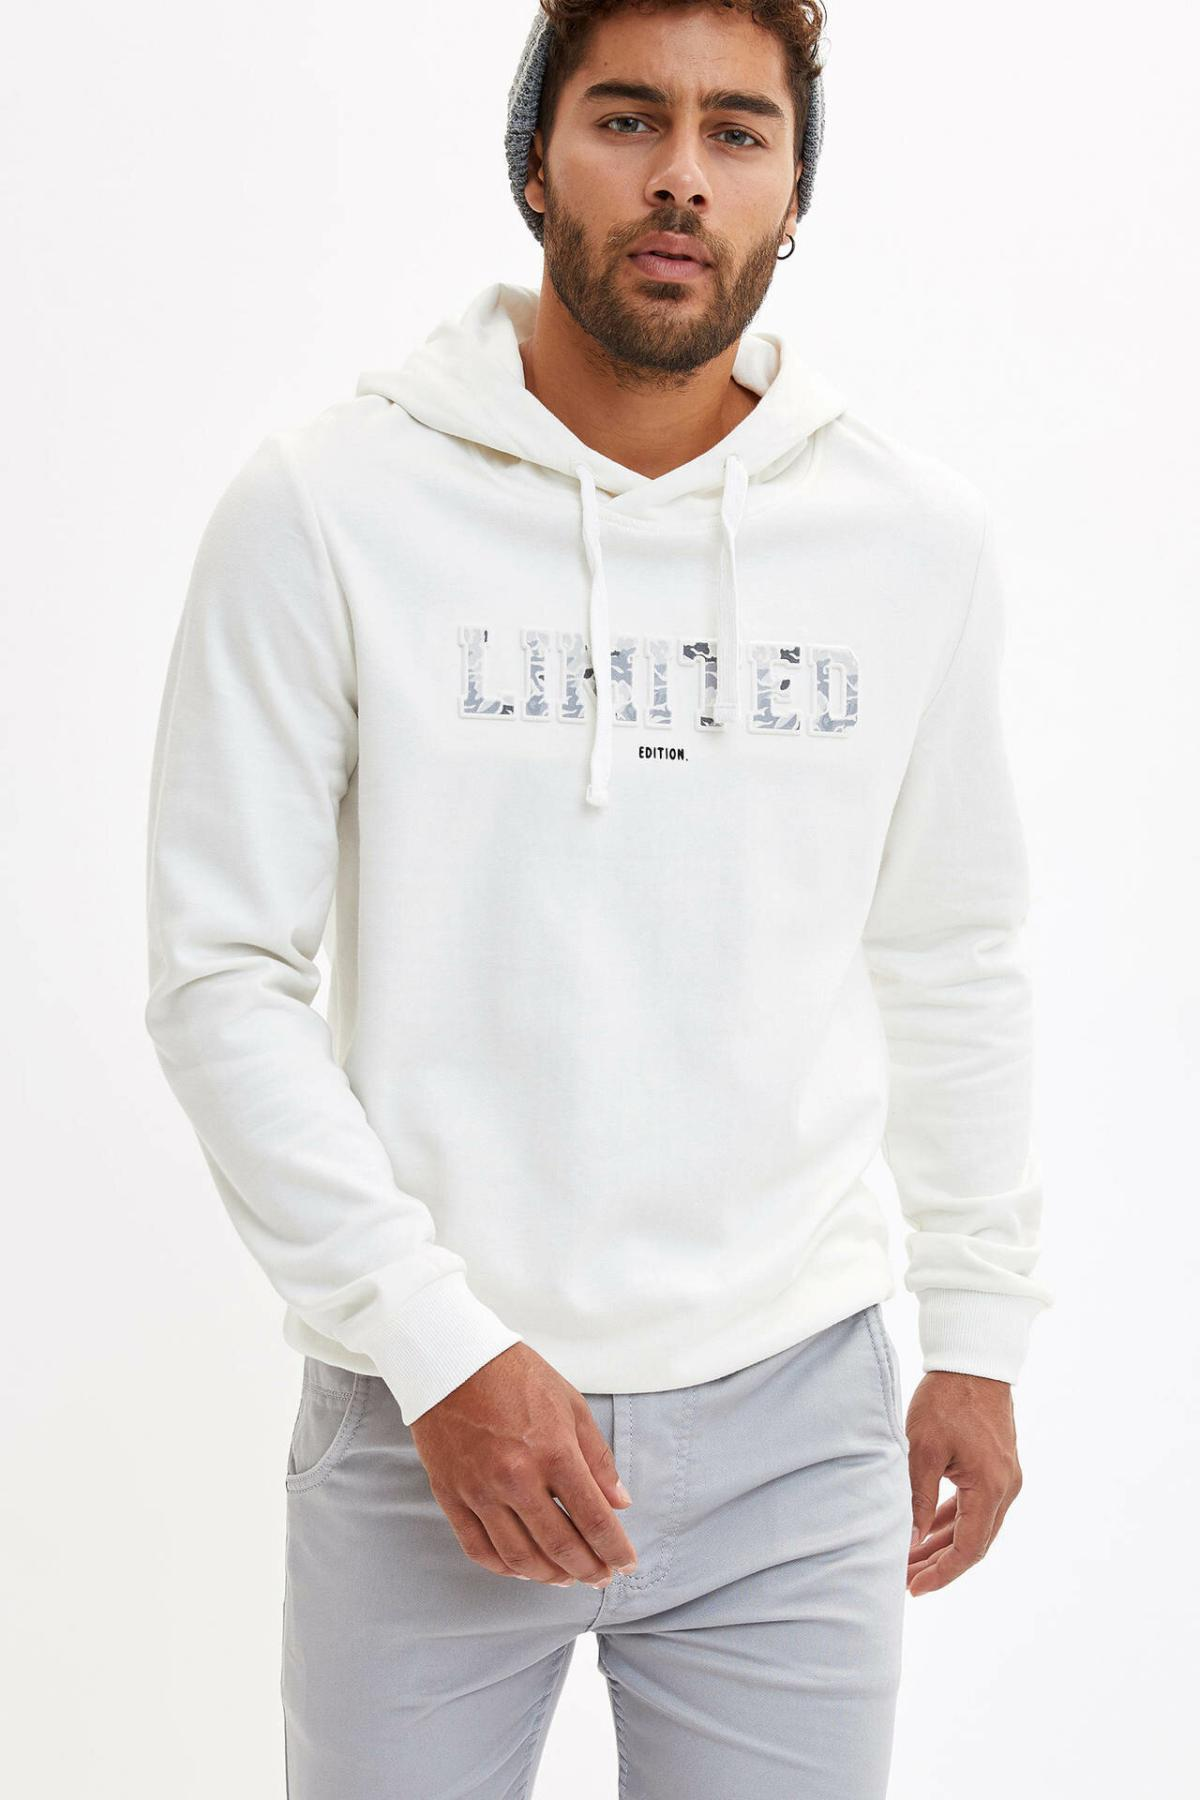 DeFacto Men Pure Color Fashion Letter Pattern Hoodies Casual Cotton Leisure Men Simple Hoodies New -L4520AZ19WN